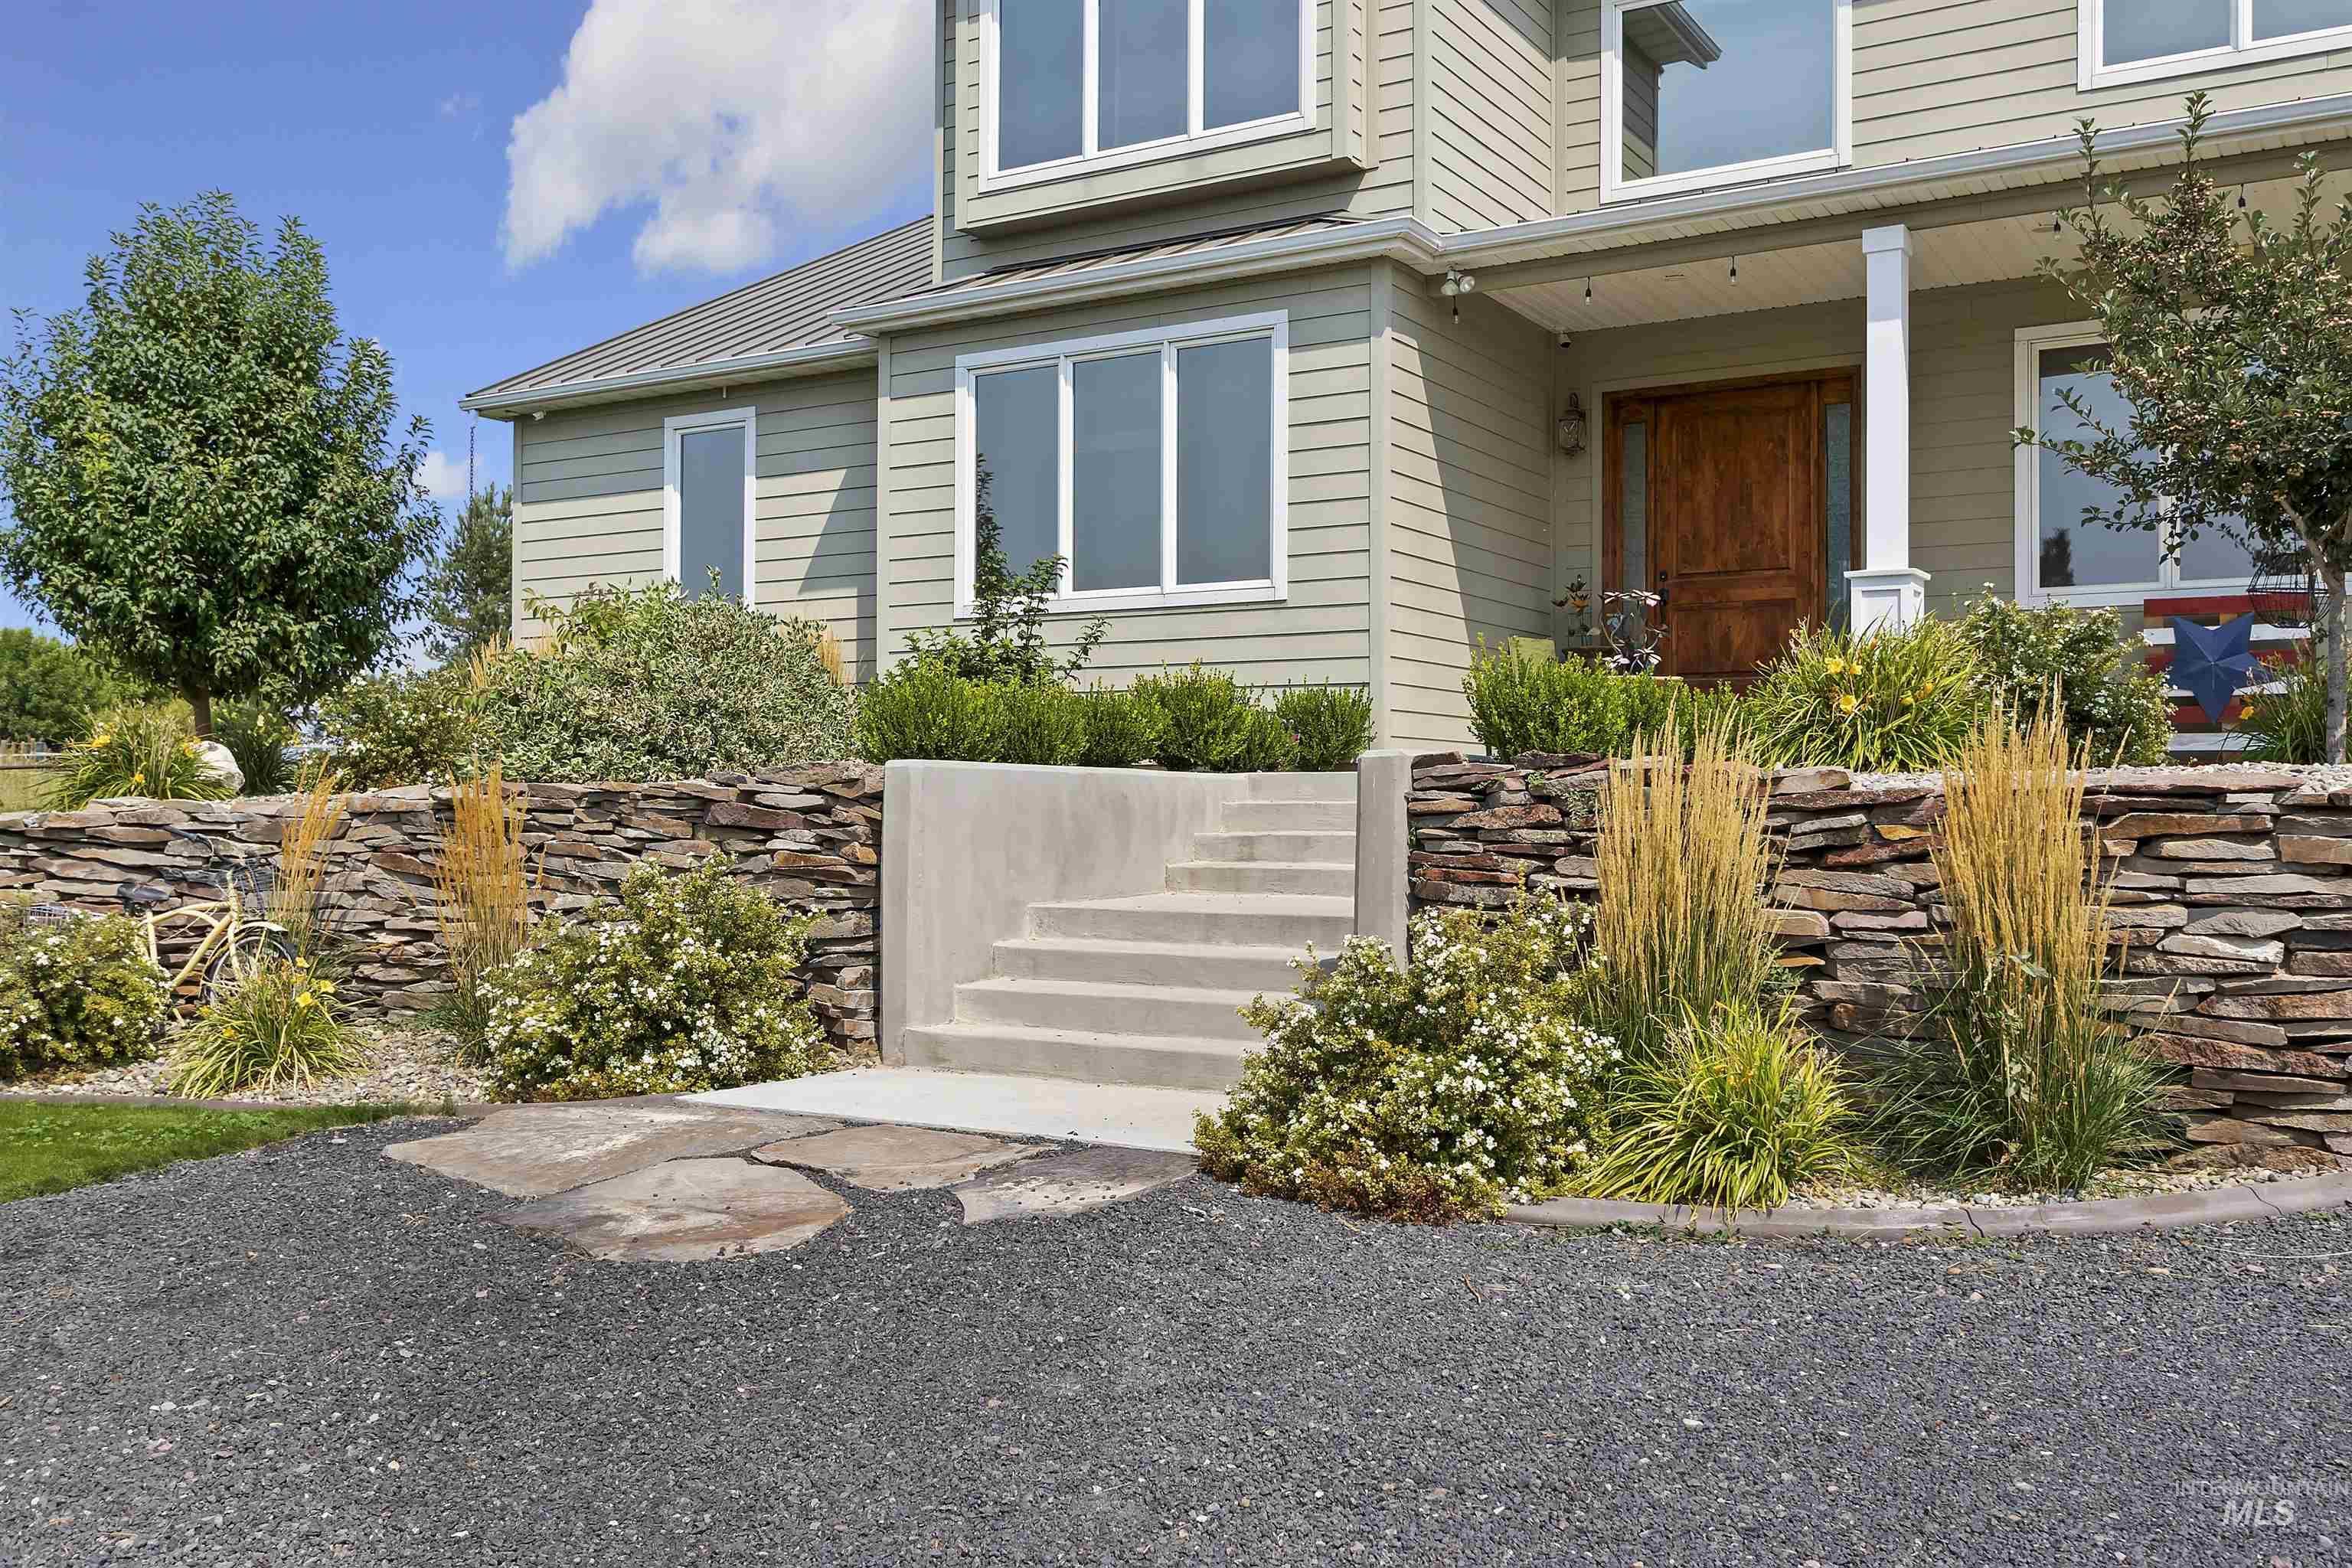 978 S 1200 E Property Photo 8